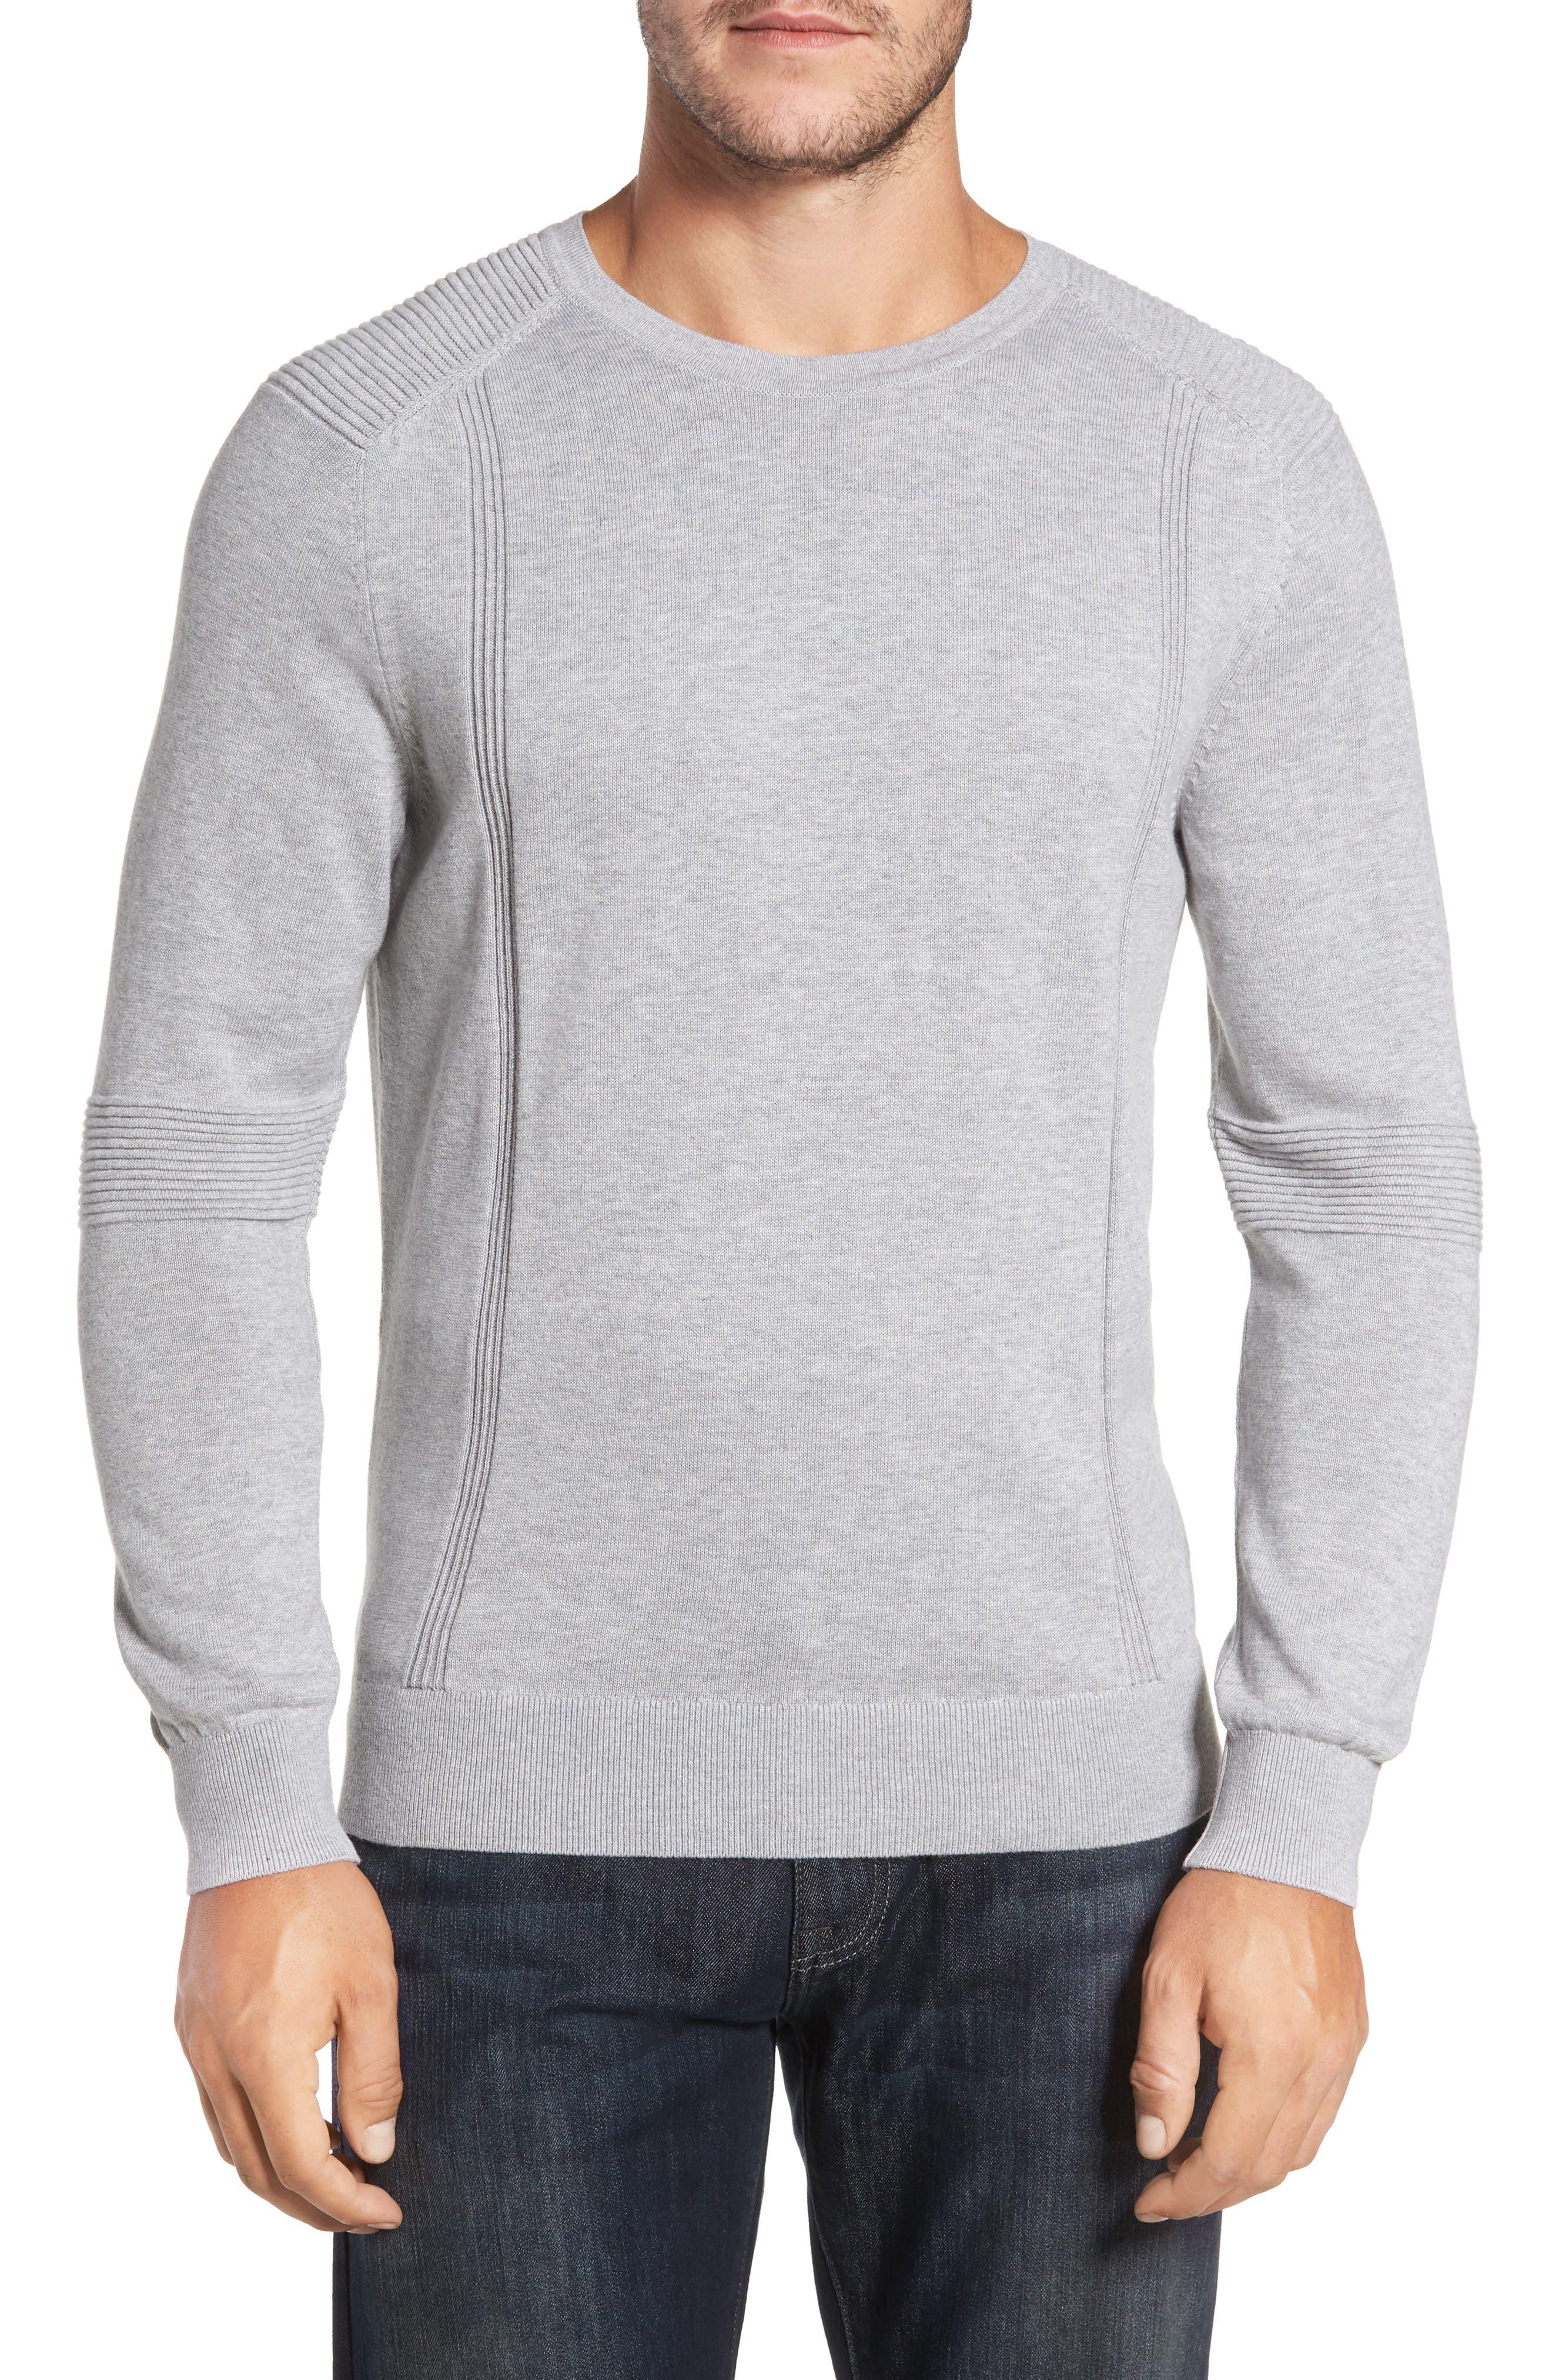 R18 Chopper Rib Detail Sweater,                         Main,                         color, 078